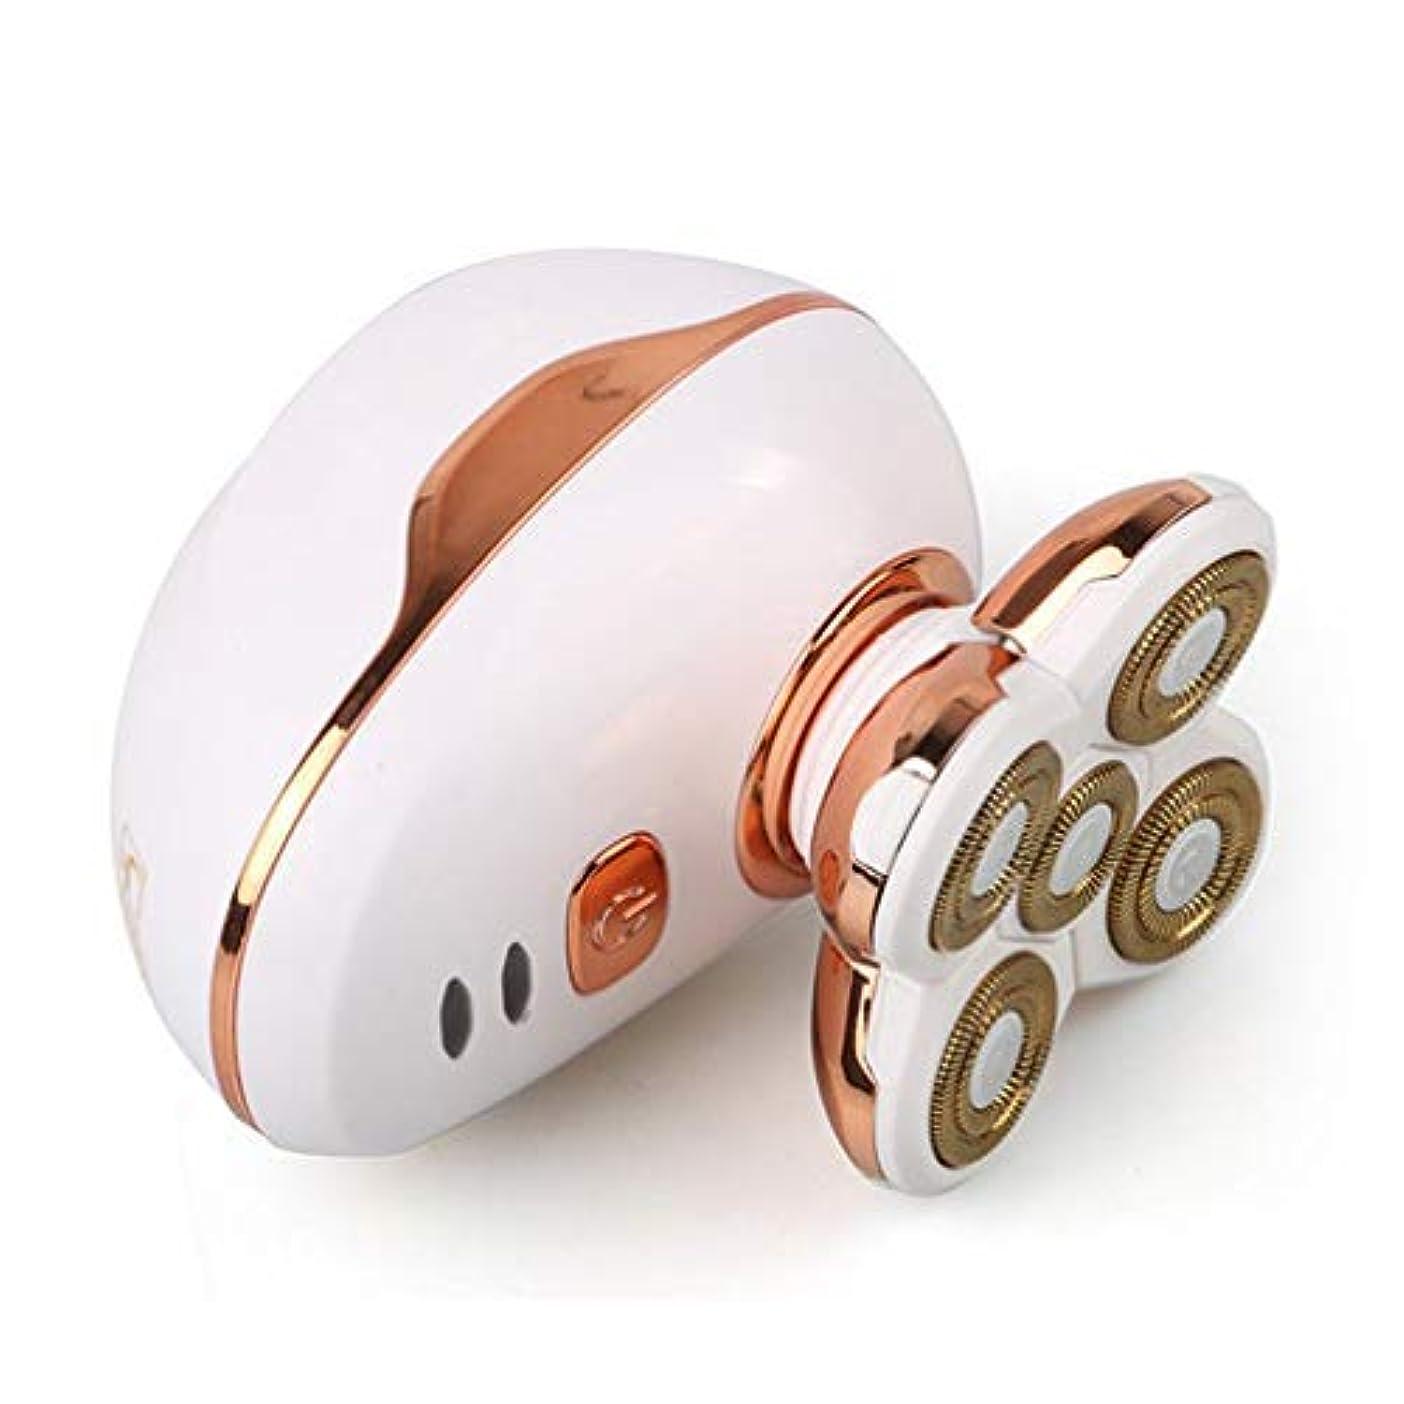 炭素適性悲劇的な耐久性のある一般的な5頭防水シェービング刃カミソリ電気シェーバー用USB充電式ウェットドライポータブル